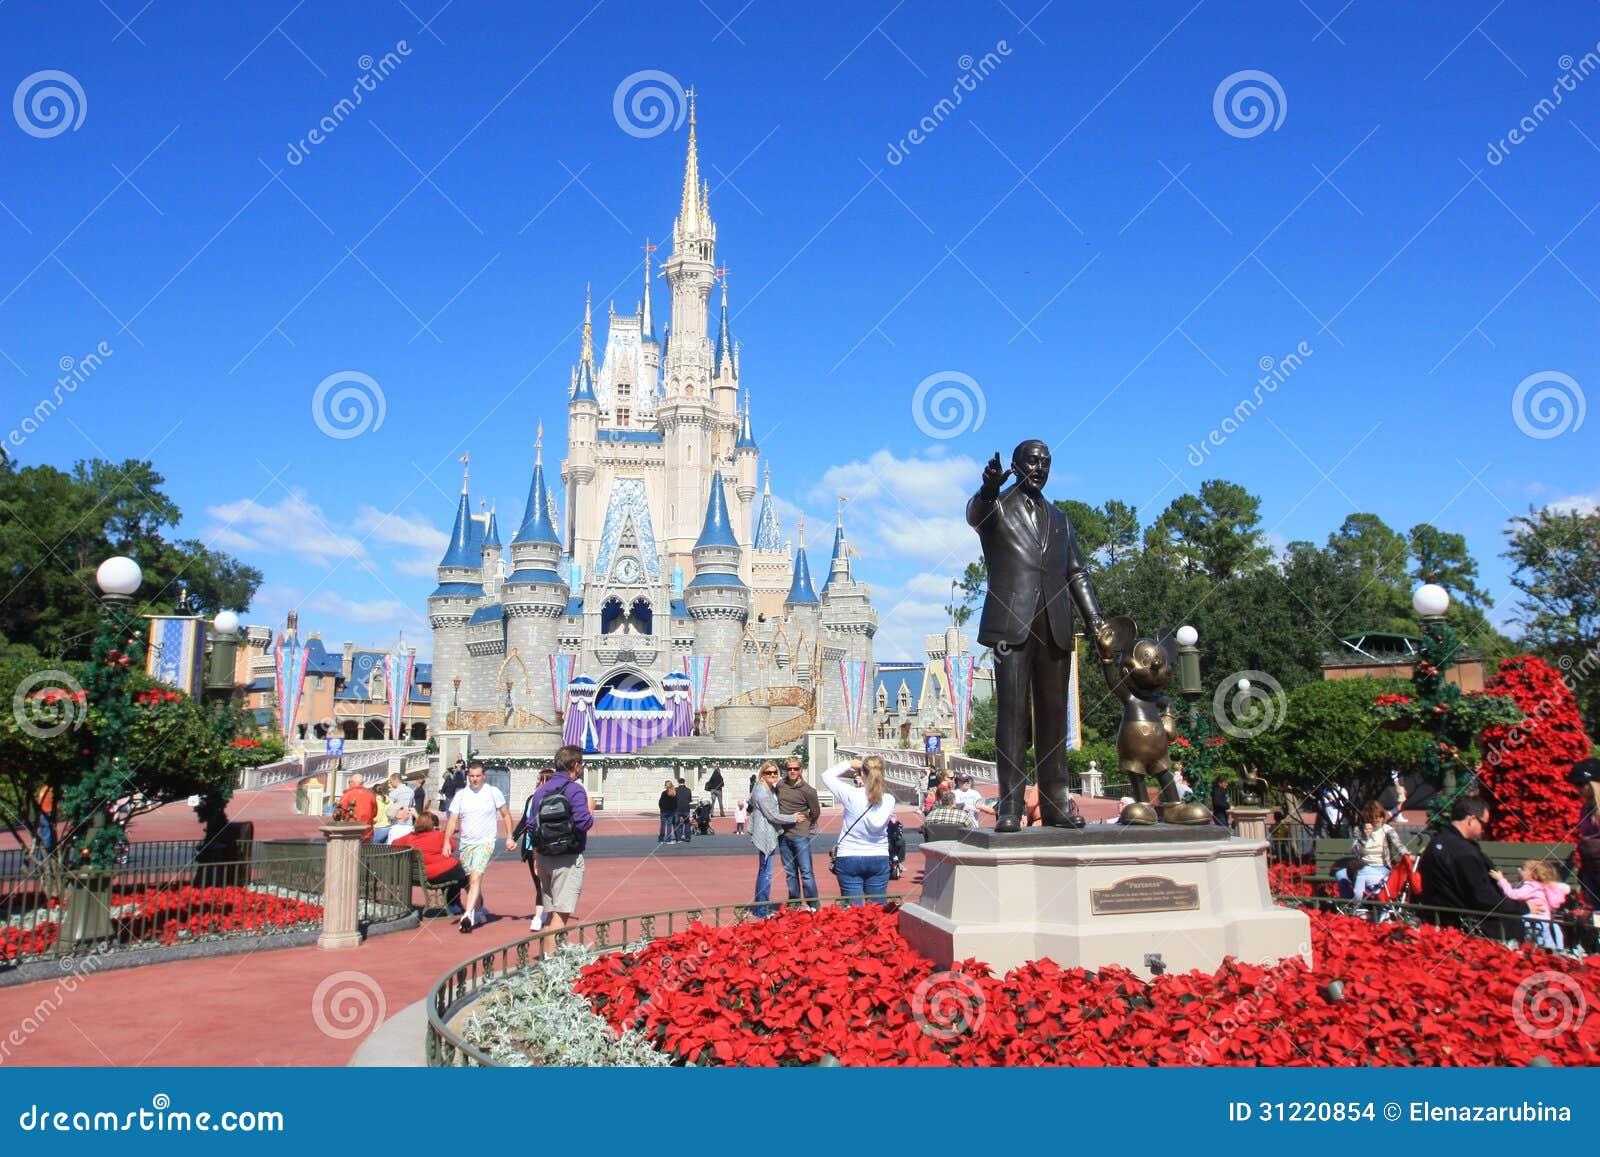 Волшебный замок королевства в мире Дисней в Орландо